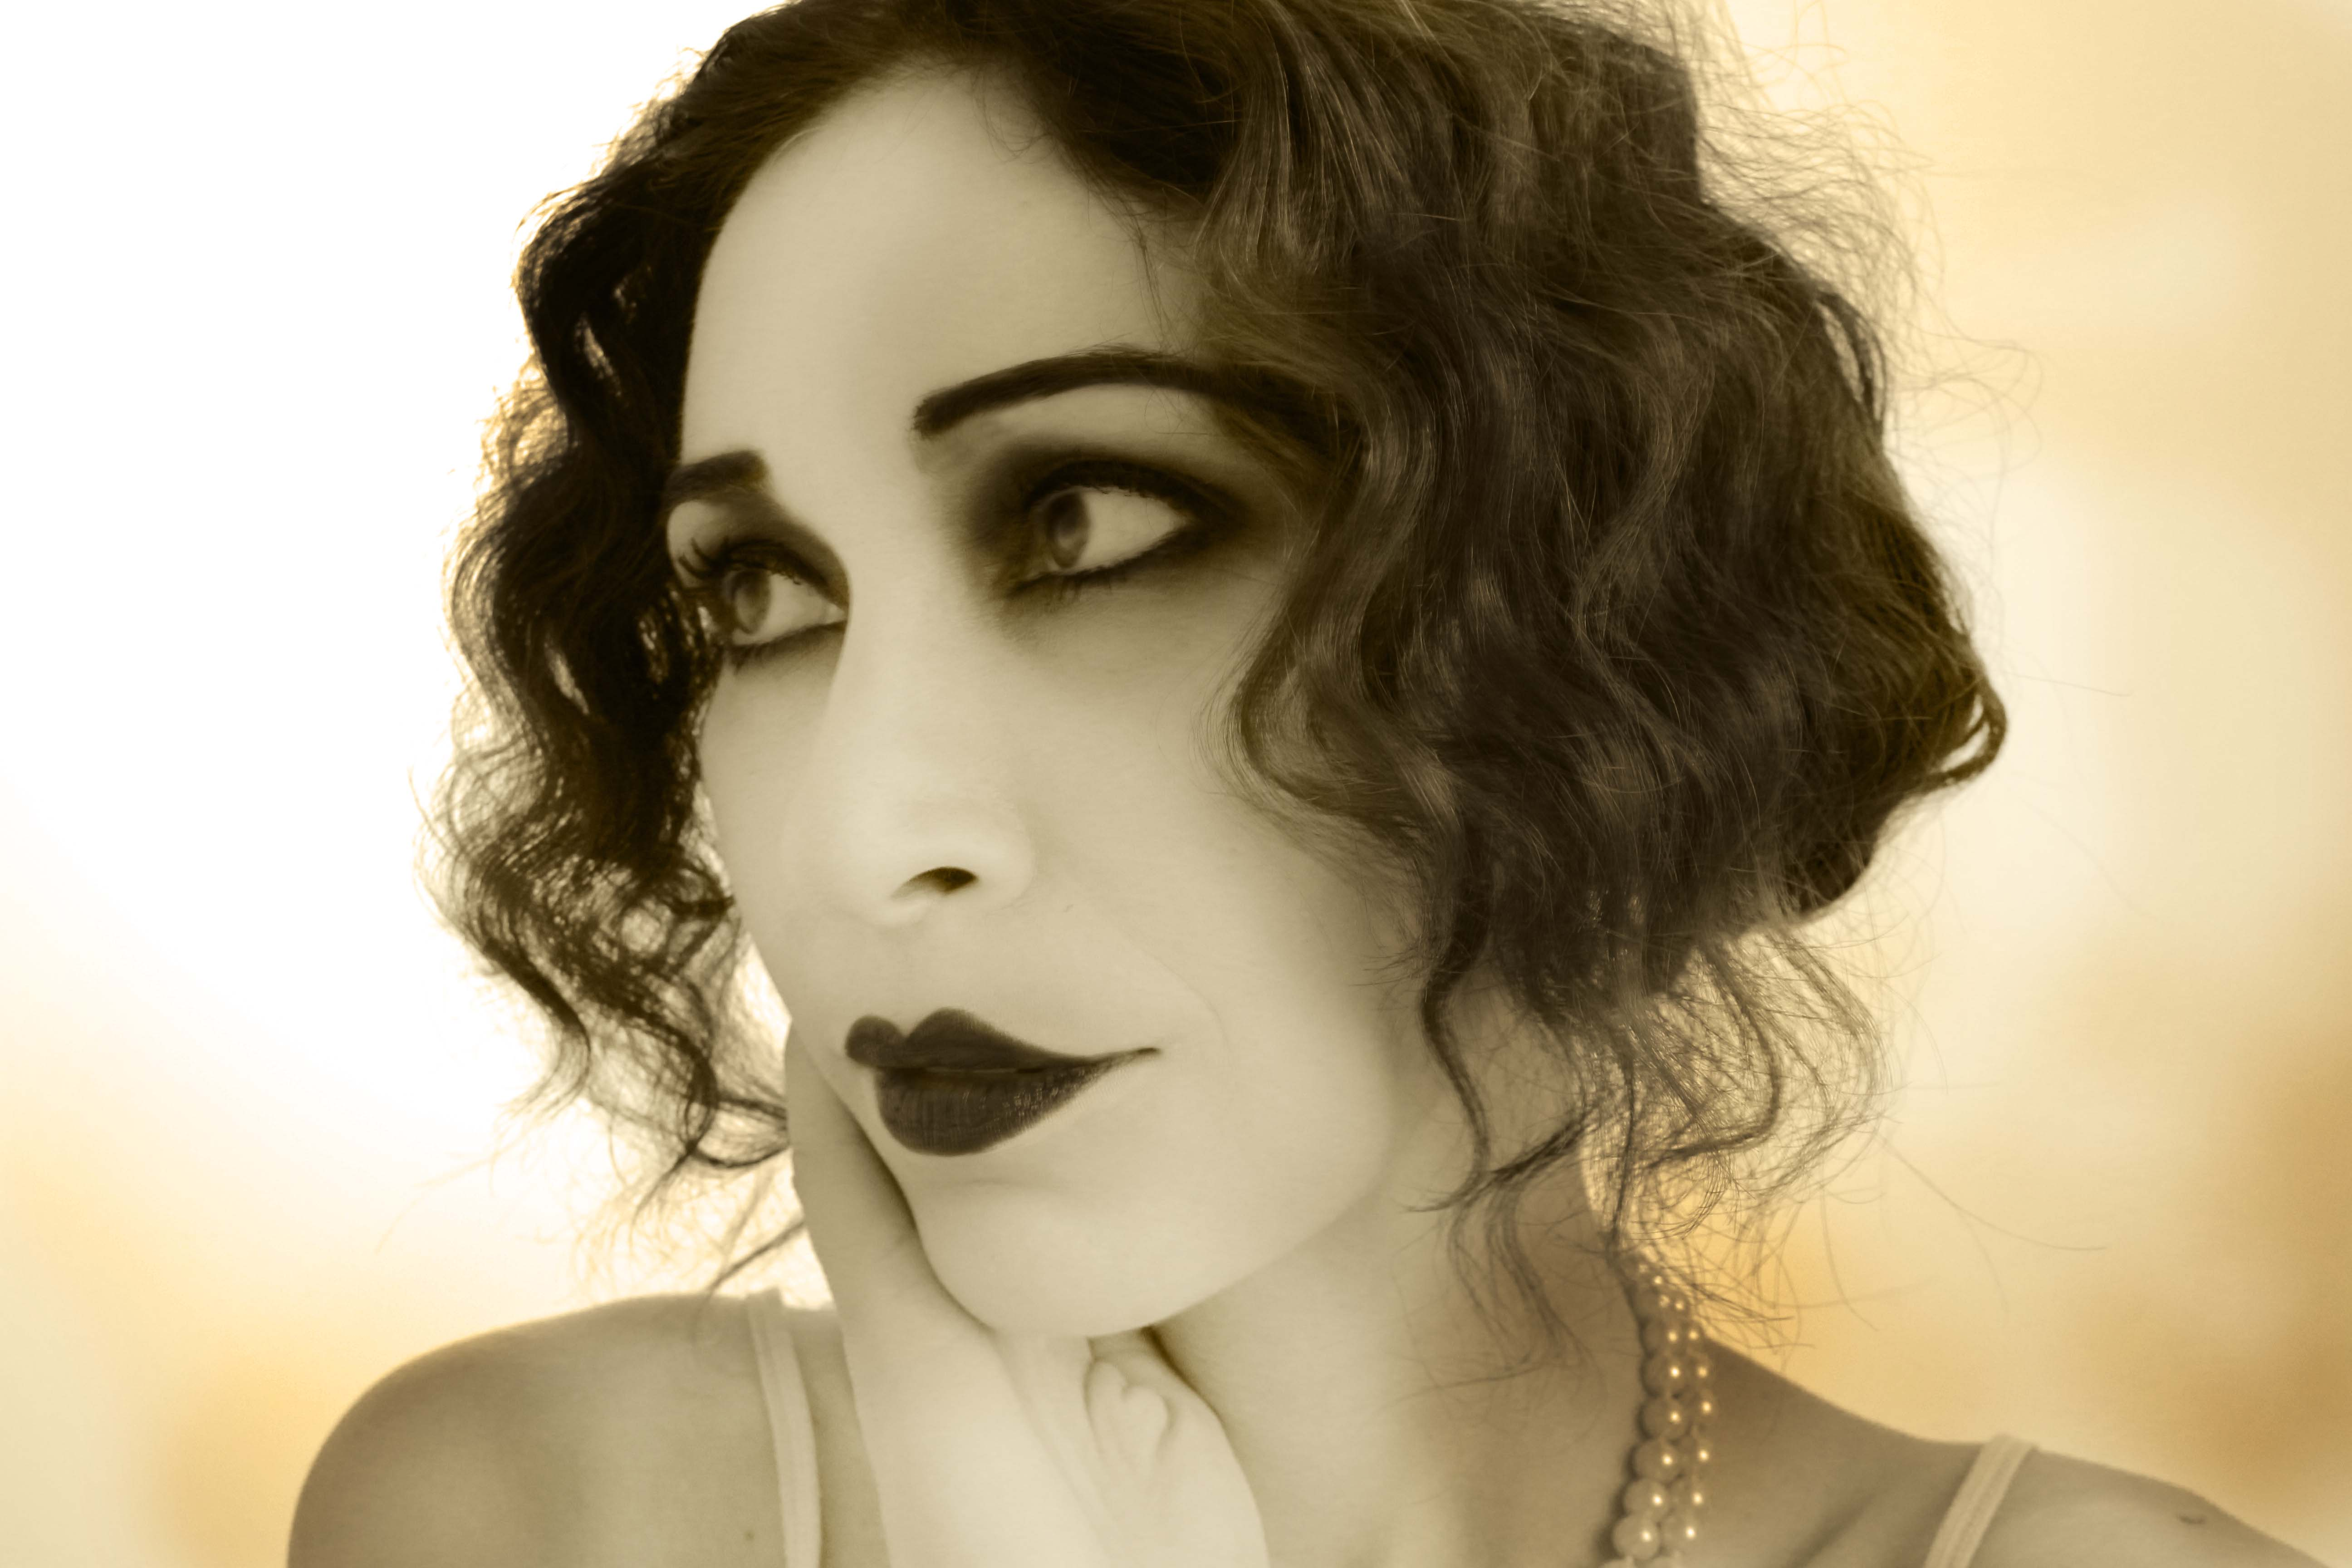 Un tuffo nel mondo vintage: make up anni '20